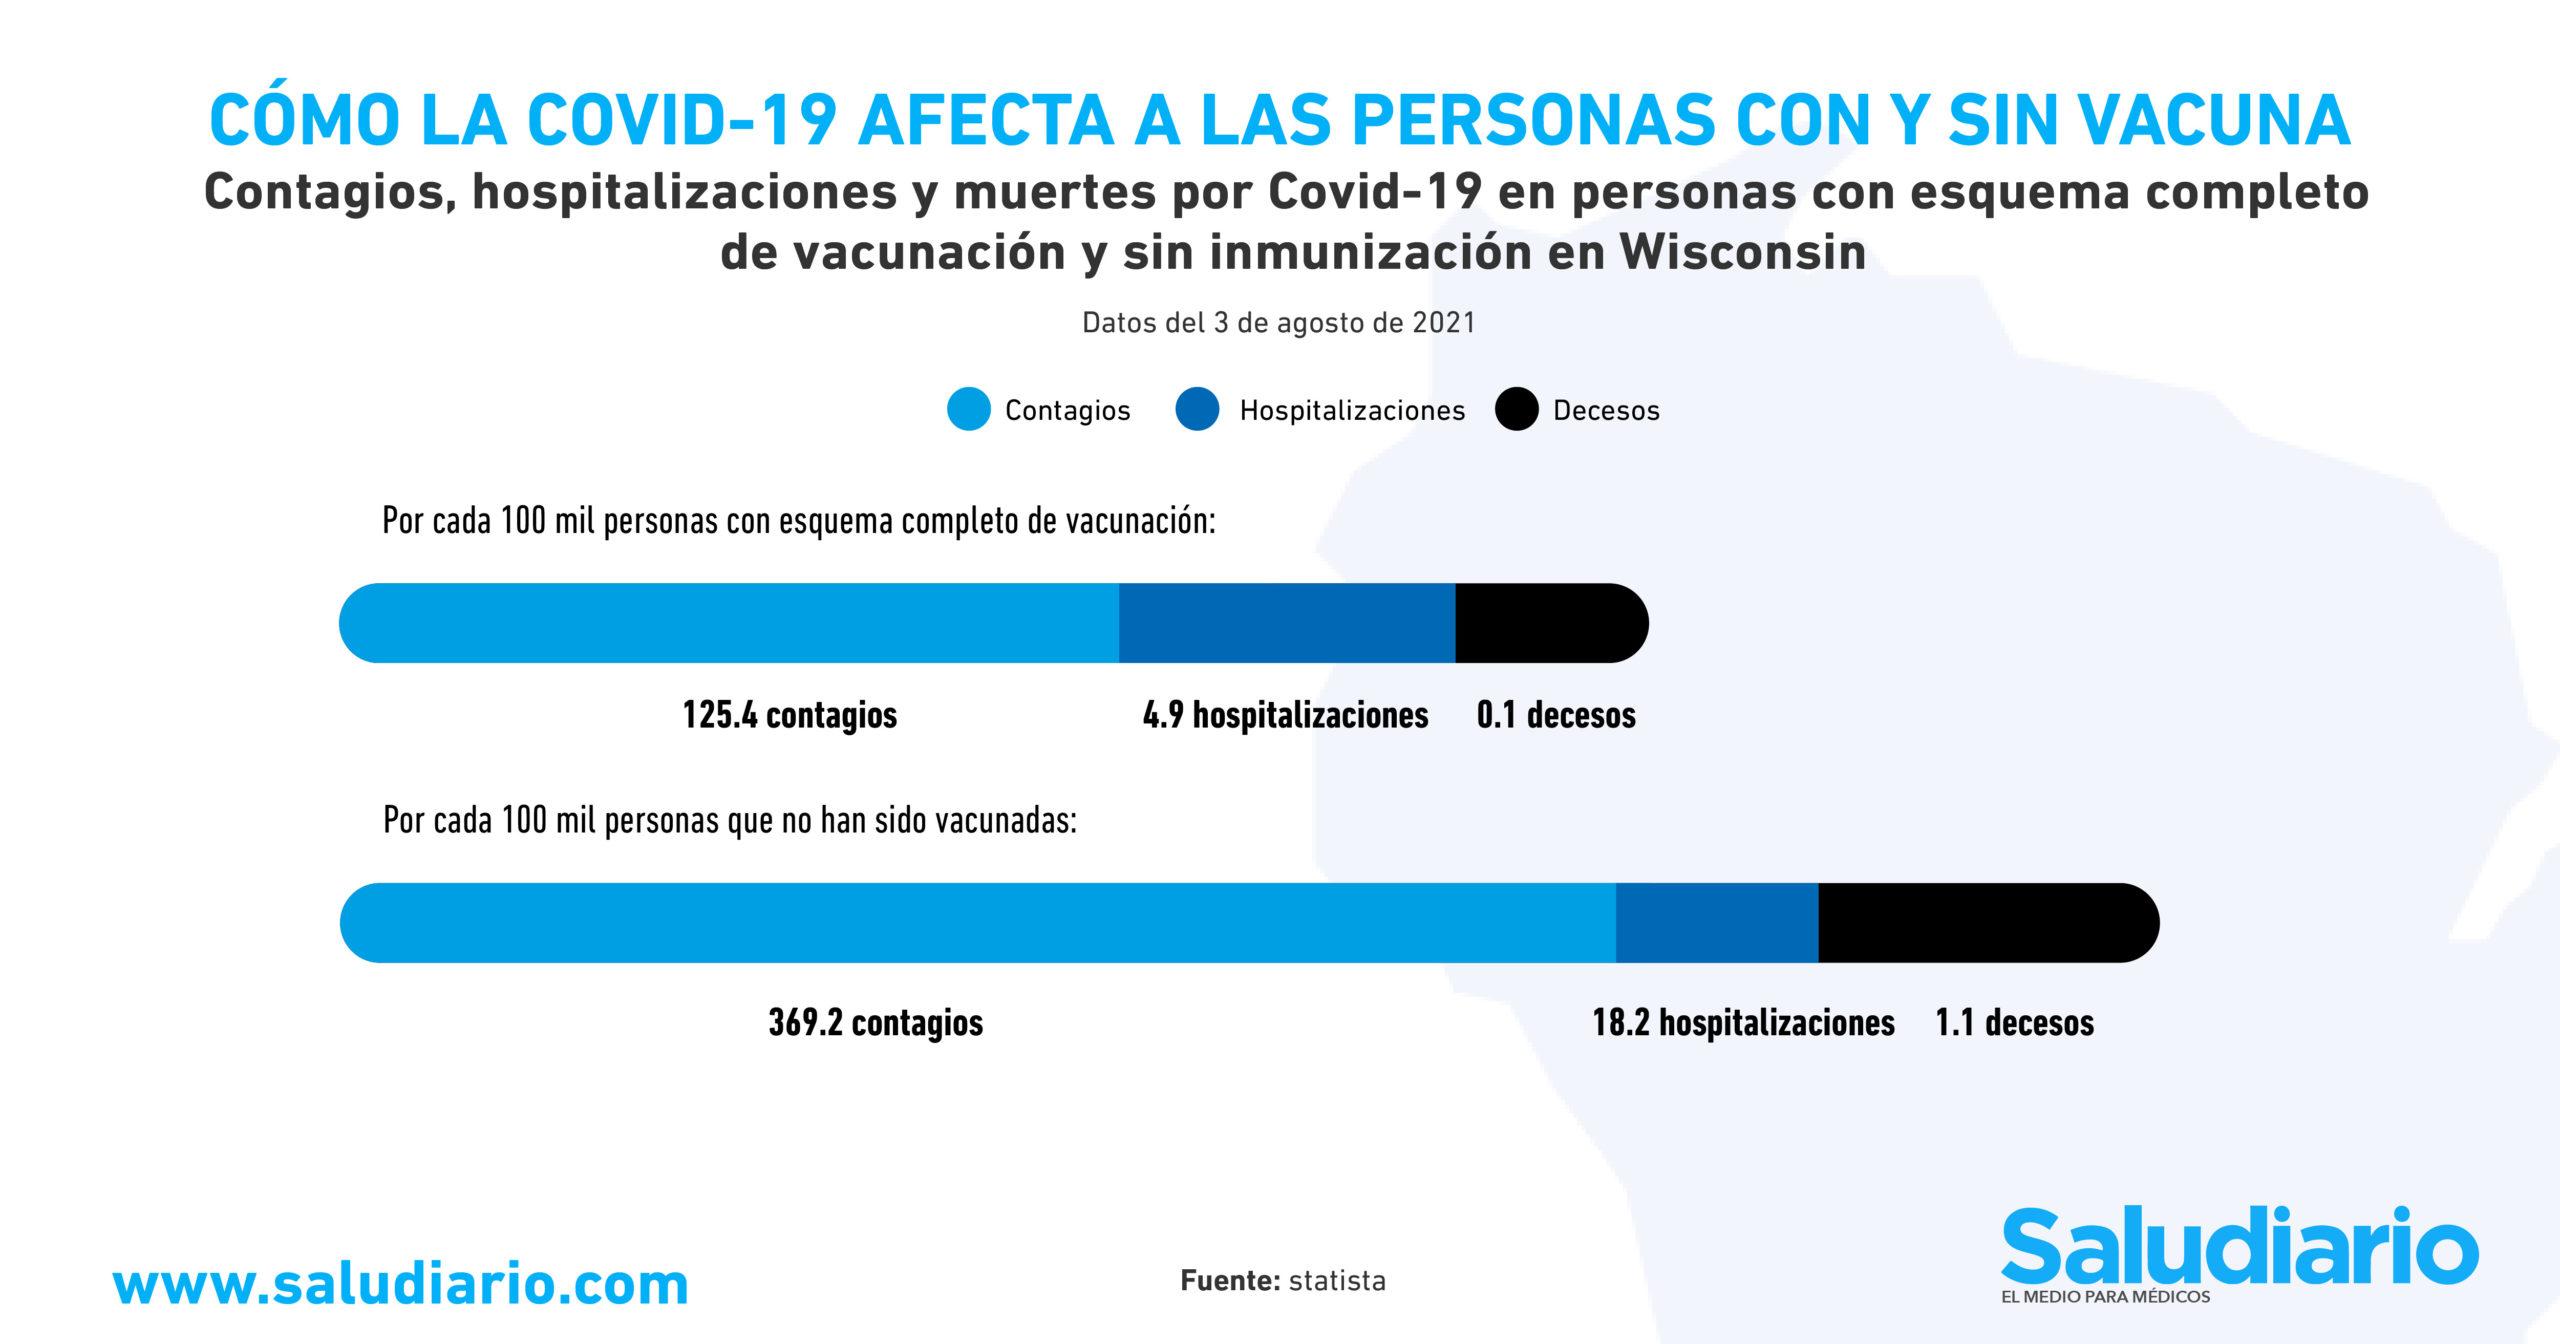 GRÁFICA Riesgo de contagio yo muerte por Covid-19 en personas con y sin vacuna